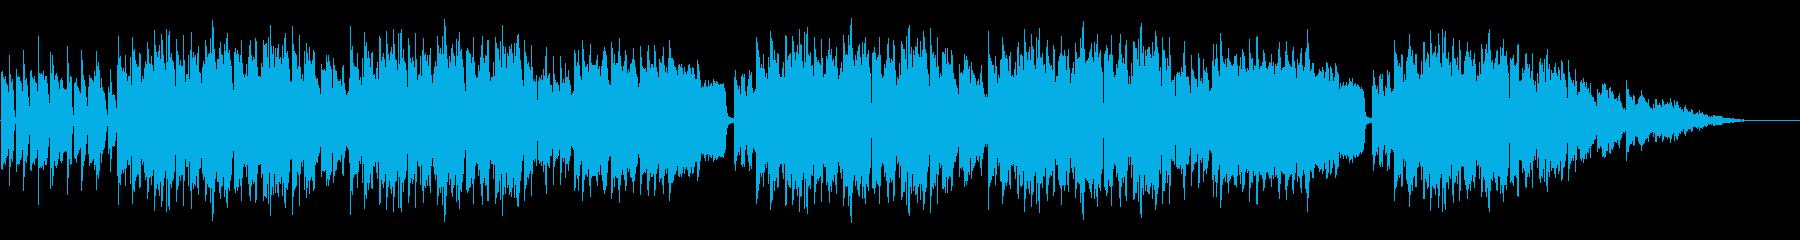 日常系ゆるいBGMの再生済みの波形